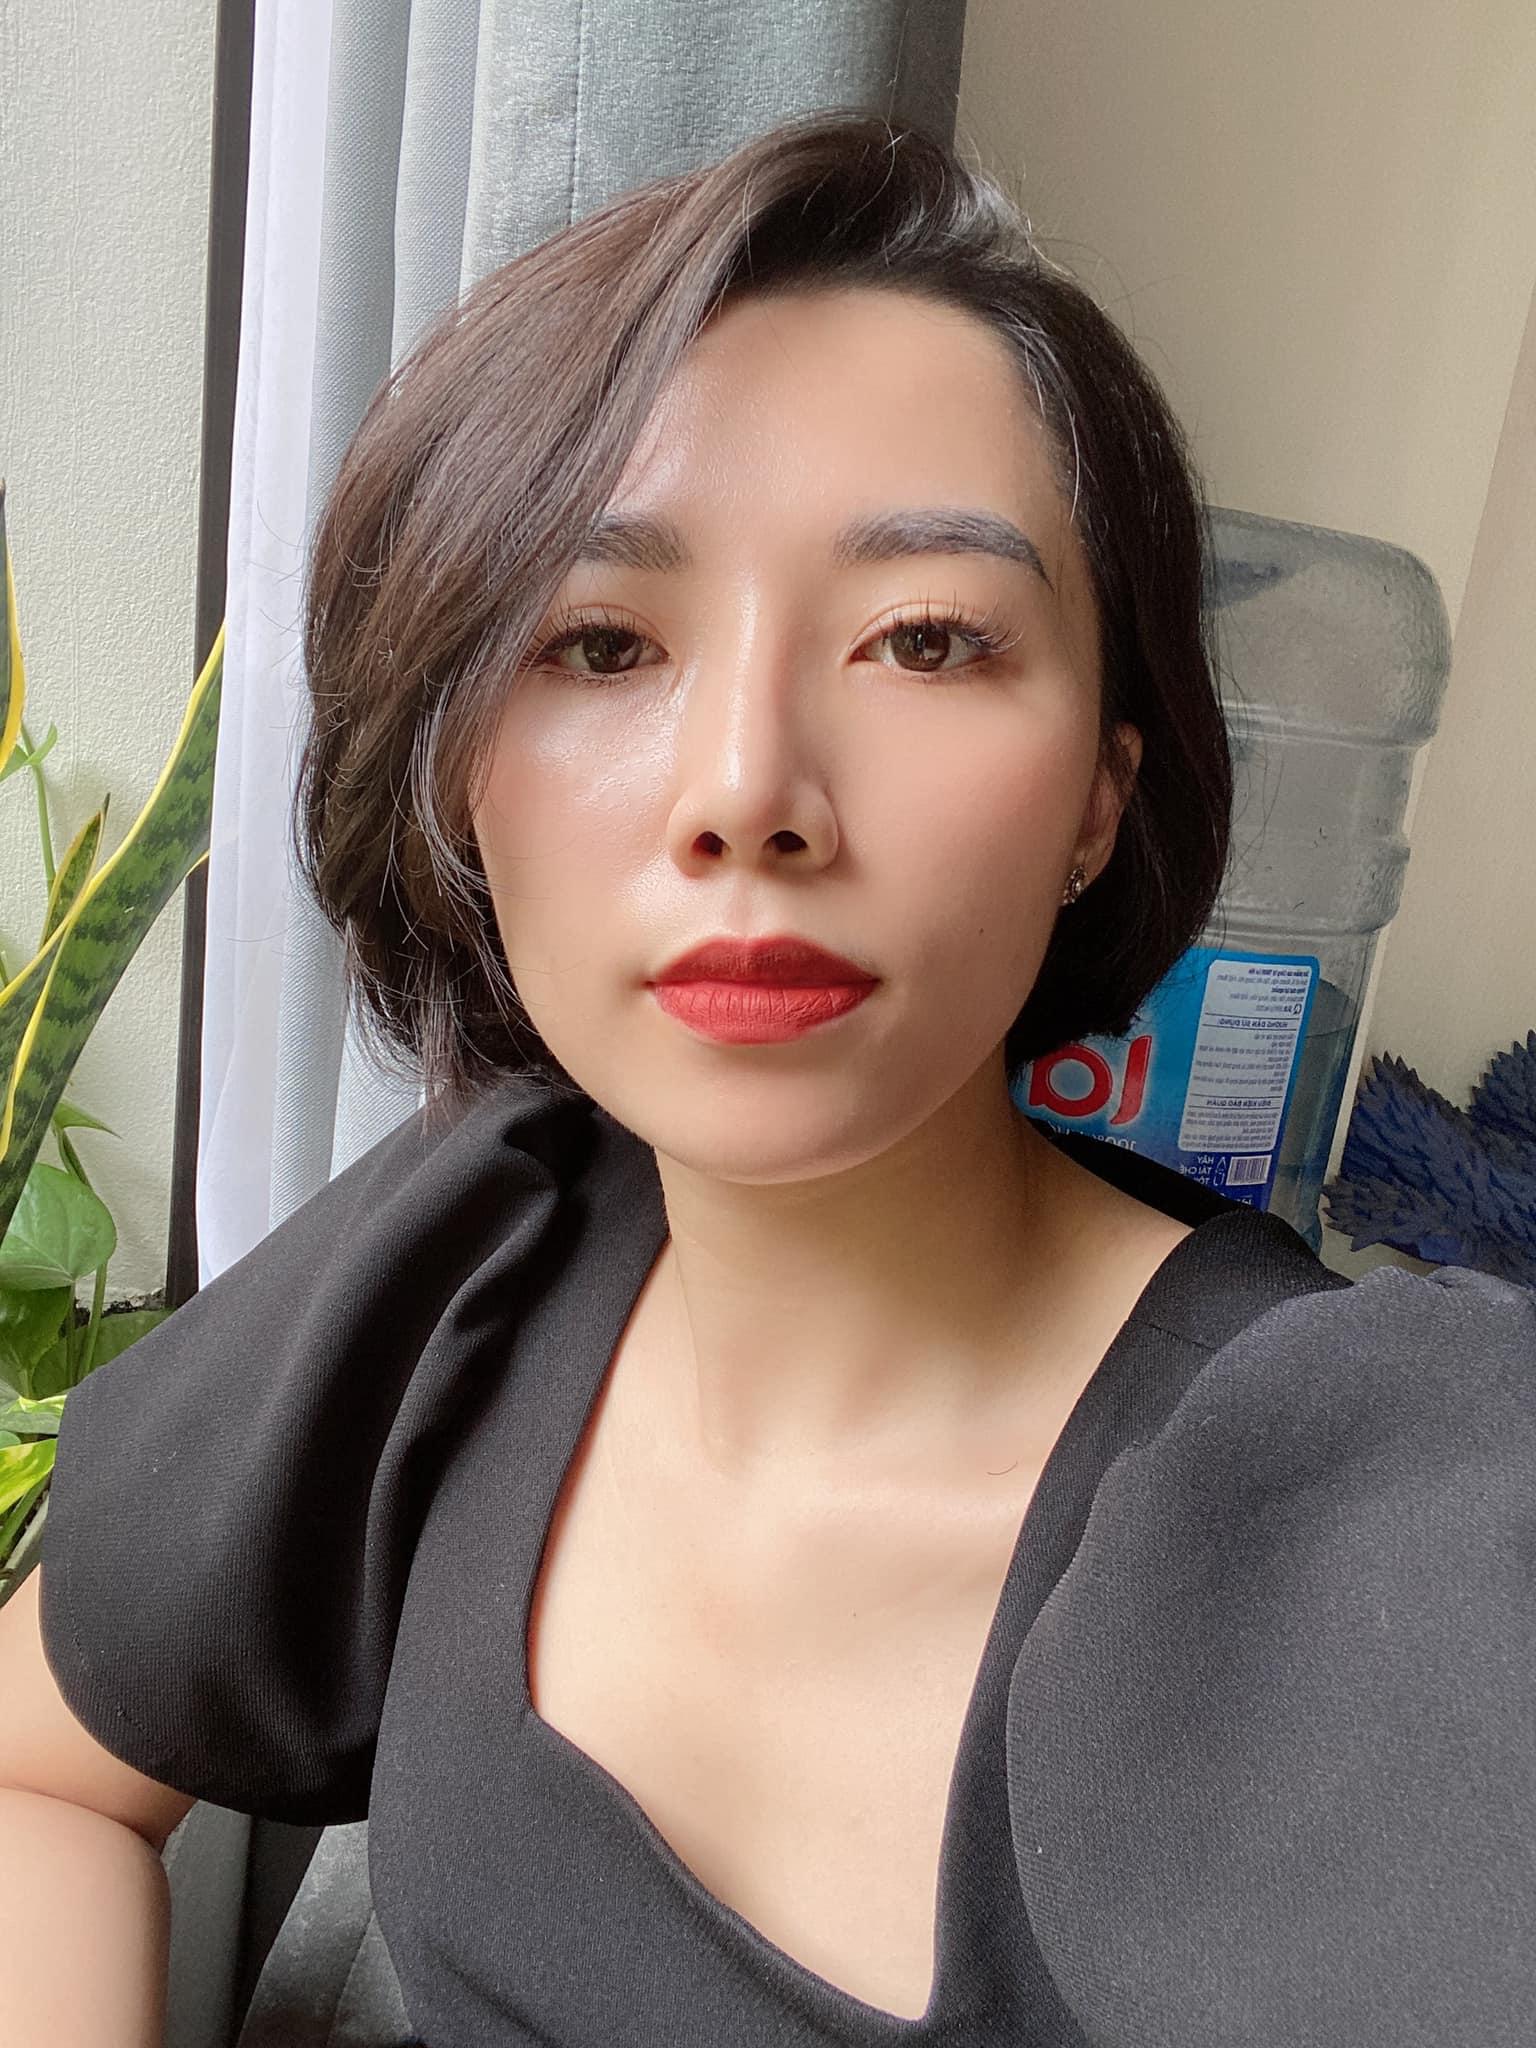 Thảo Lê: Hành trình 5 năm theo chân chuyên da Hàn Quốc, lắm lúc phát bực vì quá nhiều chị em chăm da sai cách  - Ảnh 2.